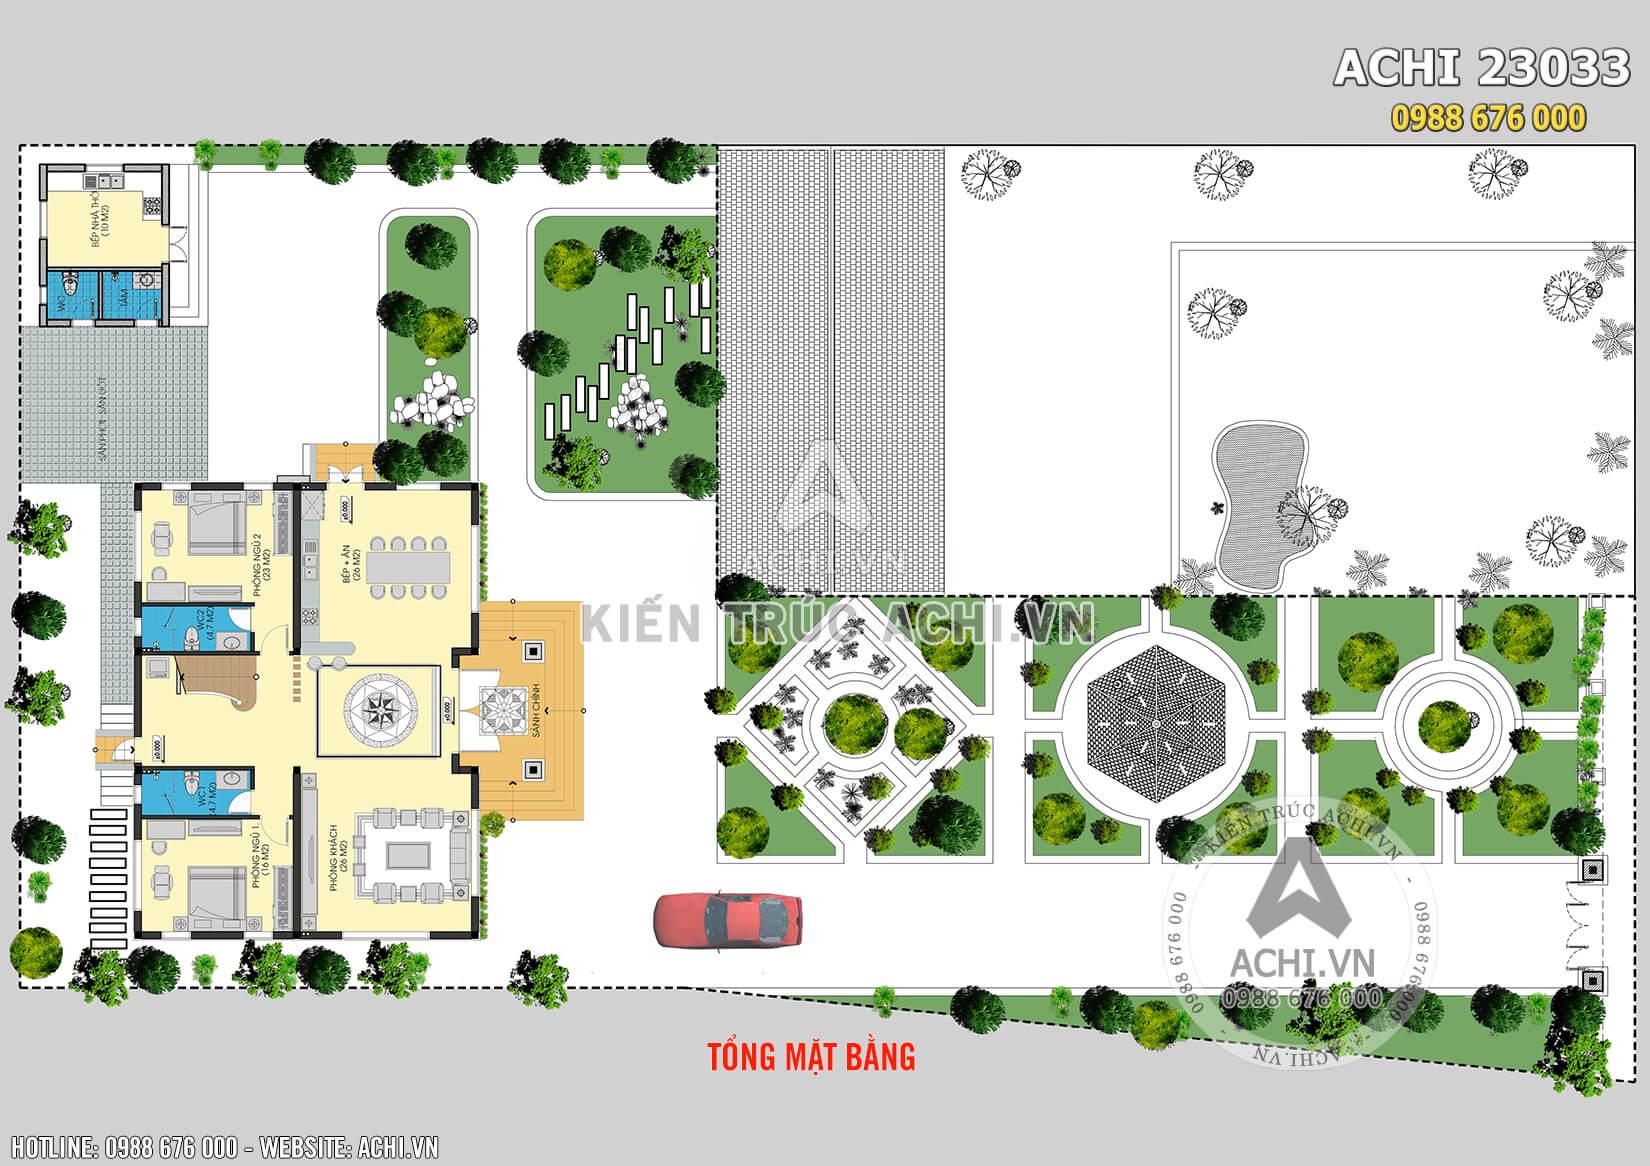 Tổng quan mặt bằng bố trí công năng mẫu nhà 2,5 tầng đẹp tại Hà Nội